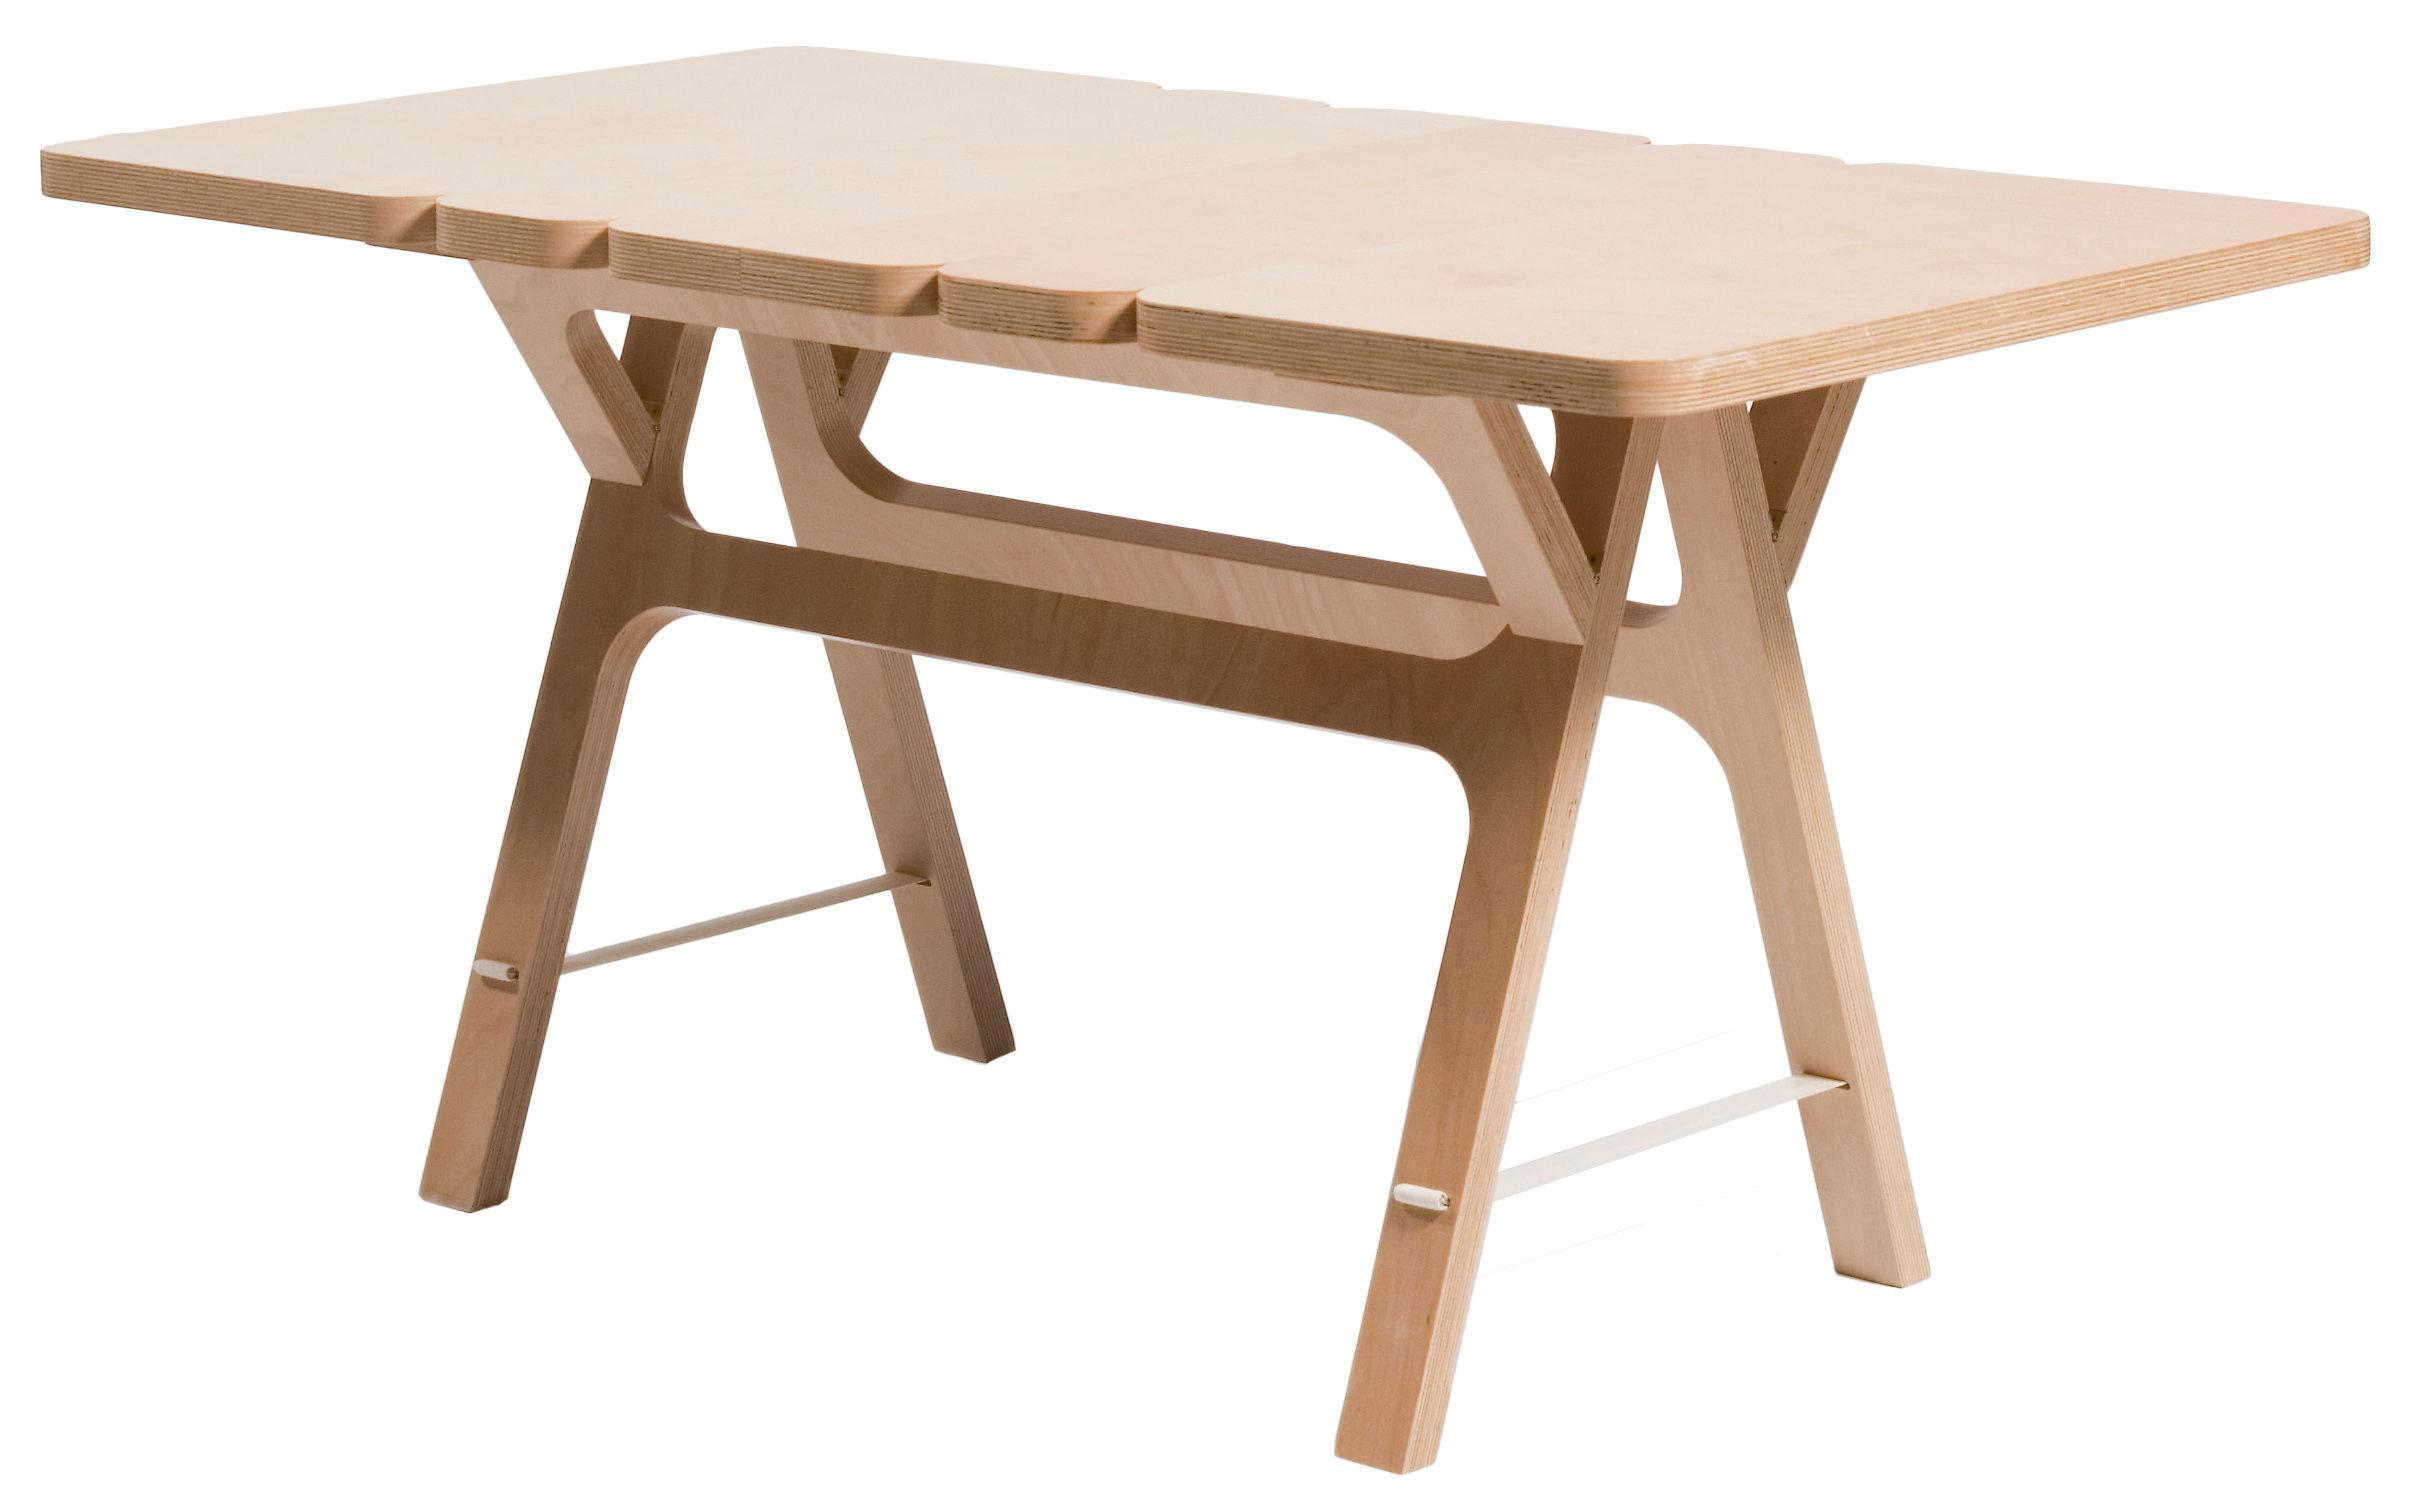 Table instant 140 x 70 cm h tre naturel moustache for Table 140 x 70